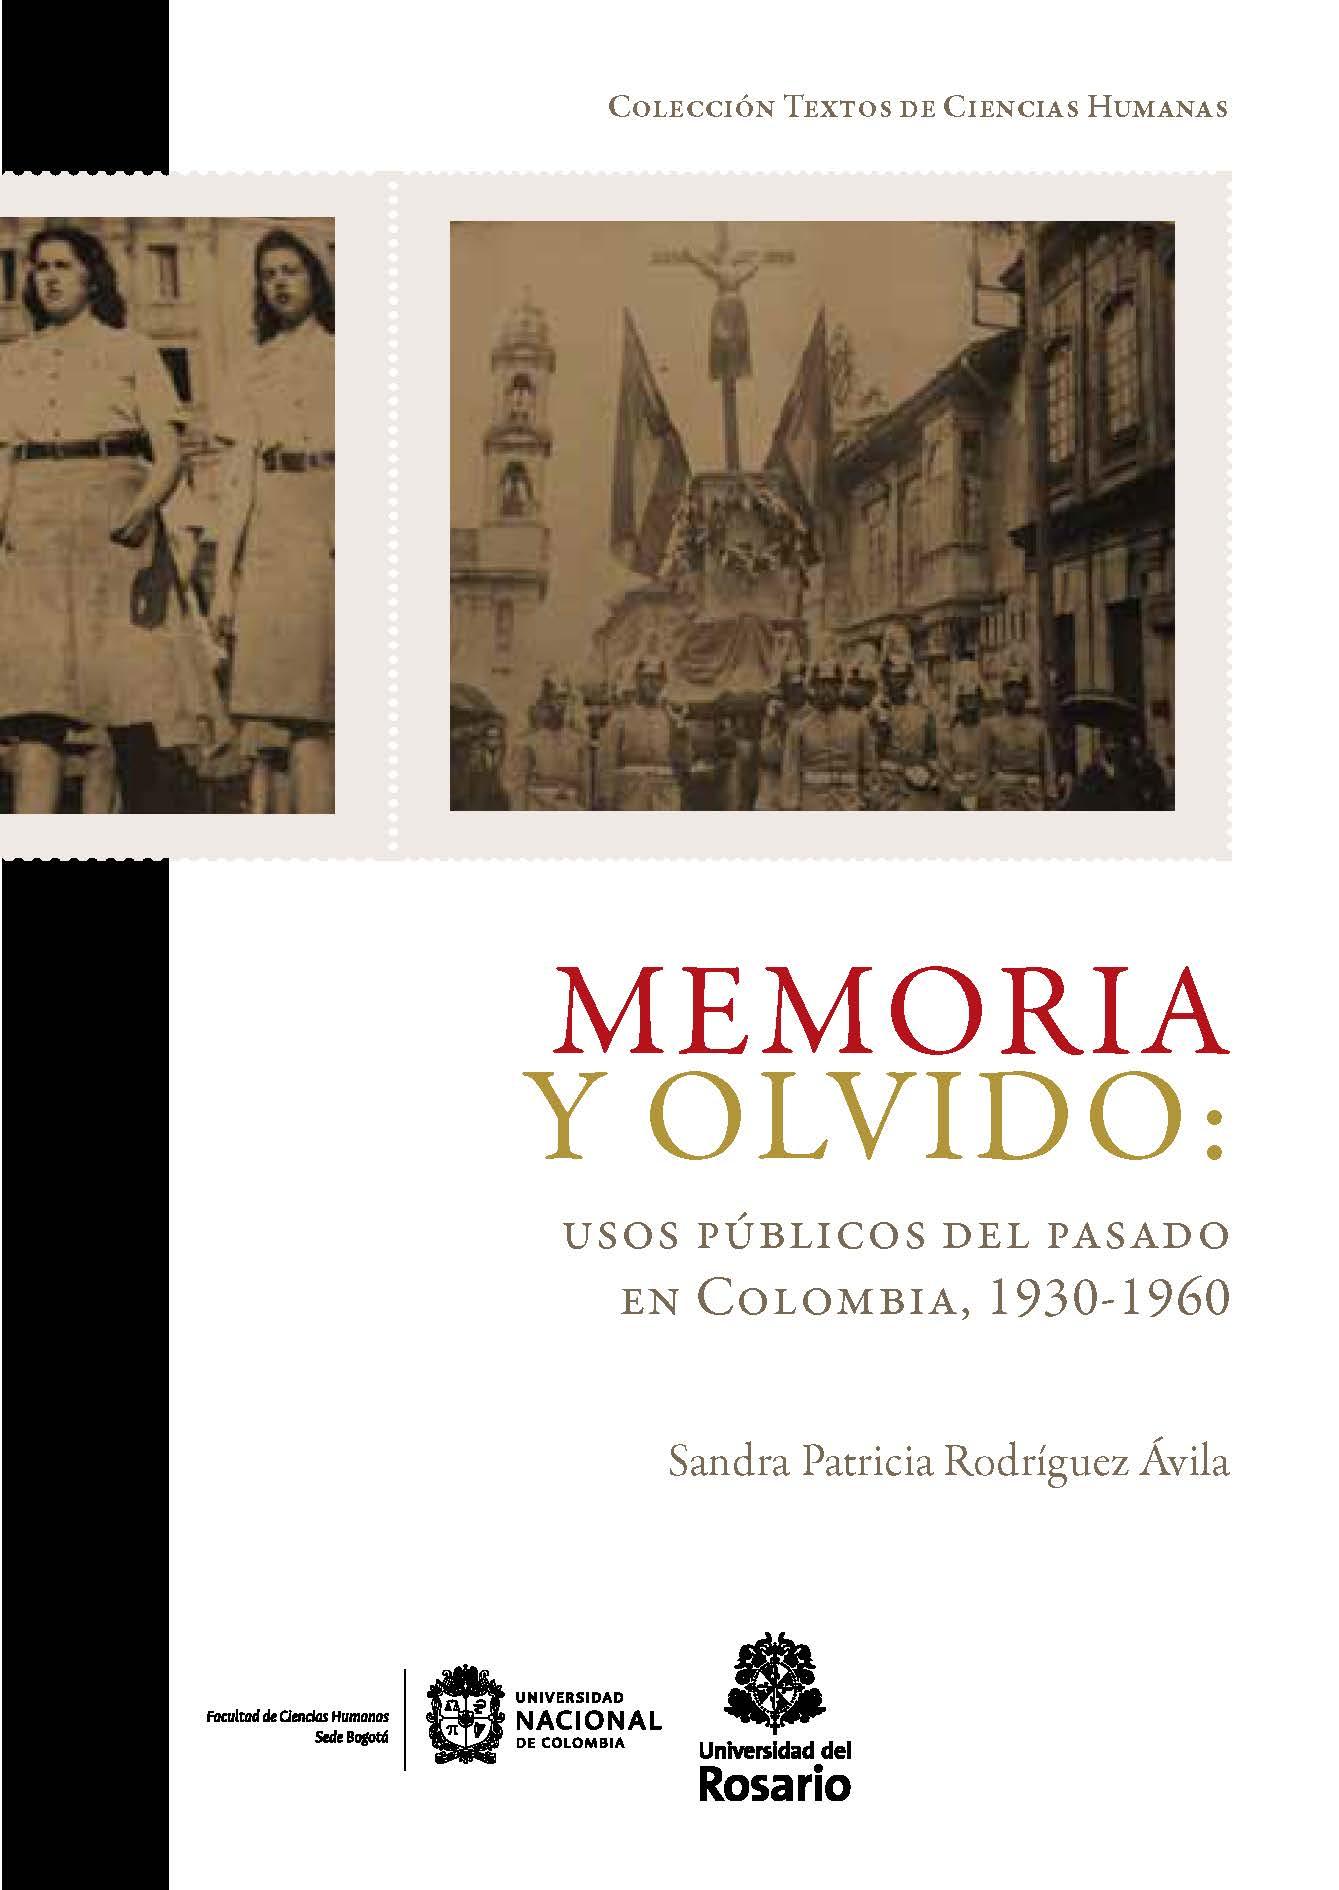 Memoria y olvido: usos públicos del pasado en Colombia, 1930-1960